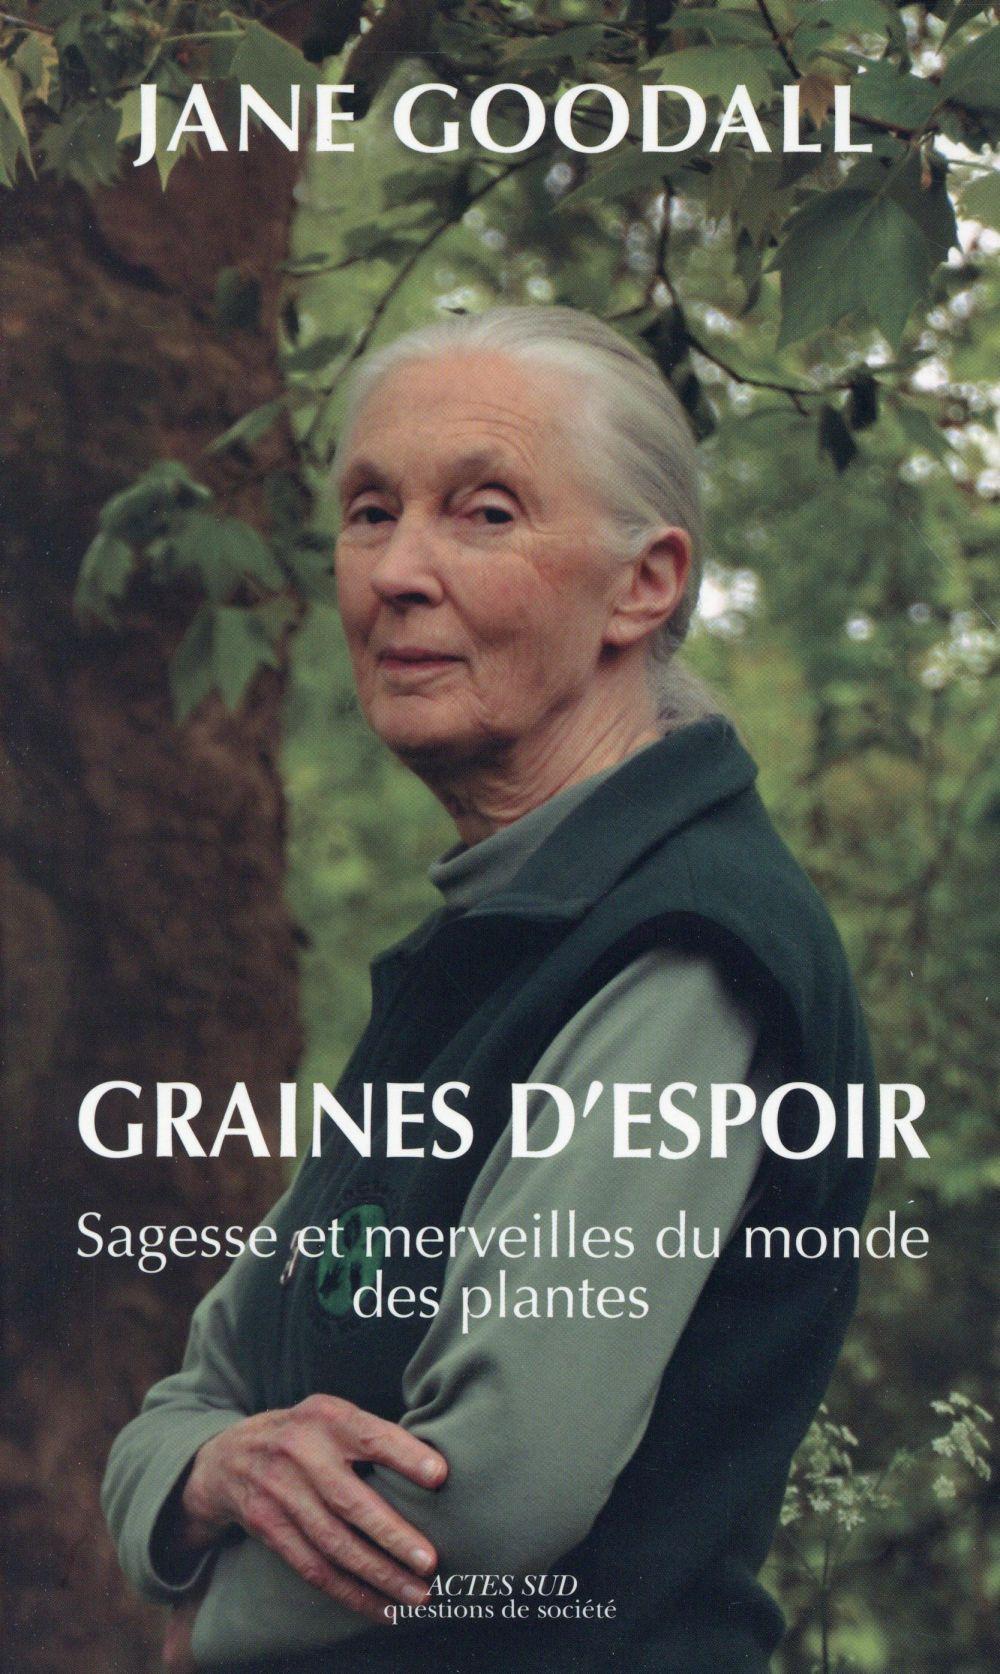 GRAINES D'ESPOIR SAGESSE ET MERVEILLES DU MONDE DES PLANTES